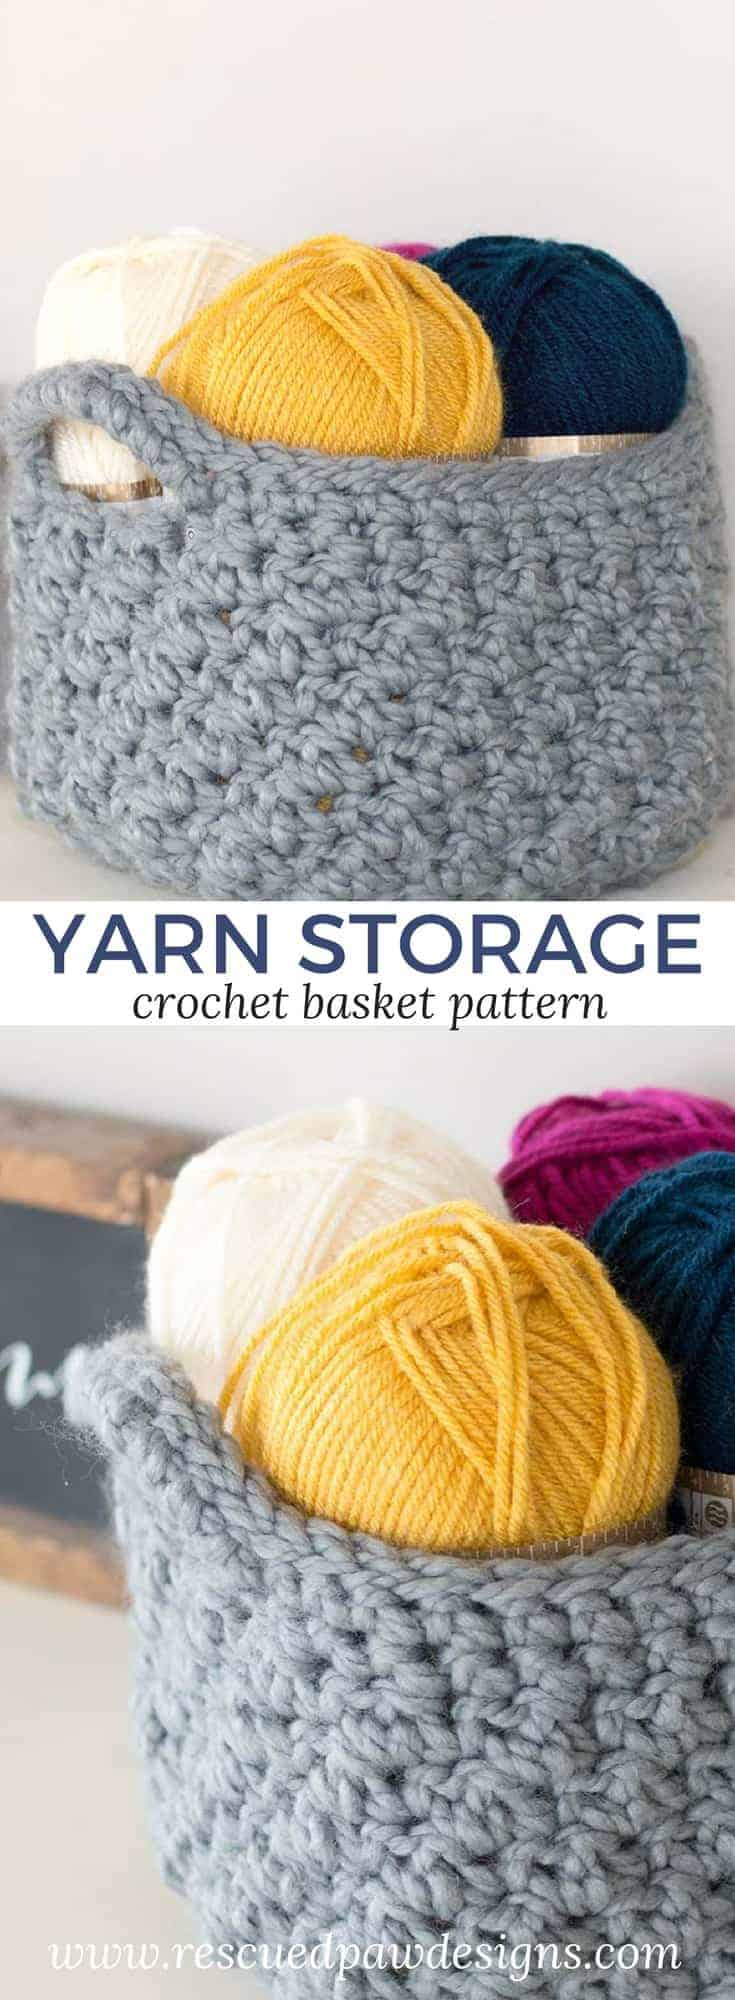 Crochet Basket Pattern for Yarn